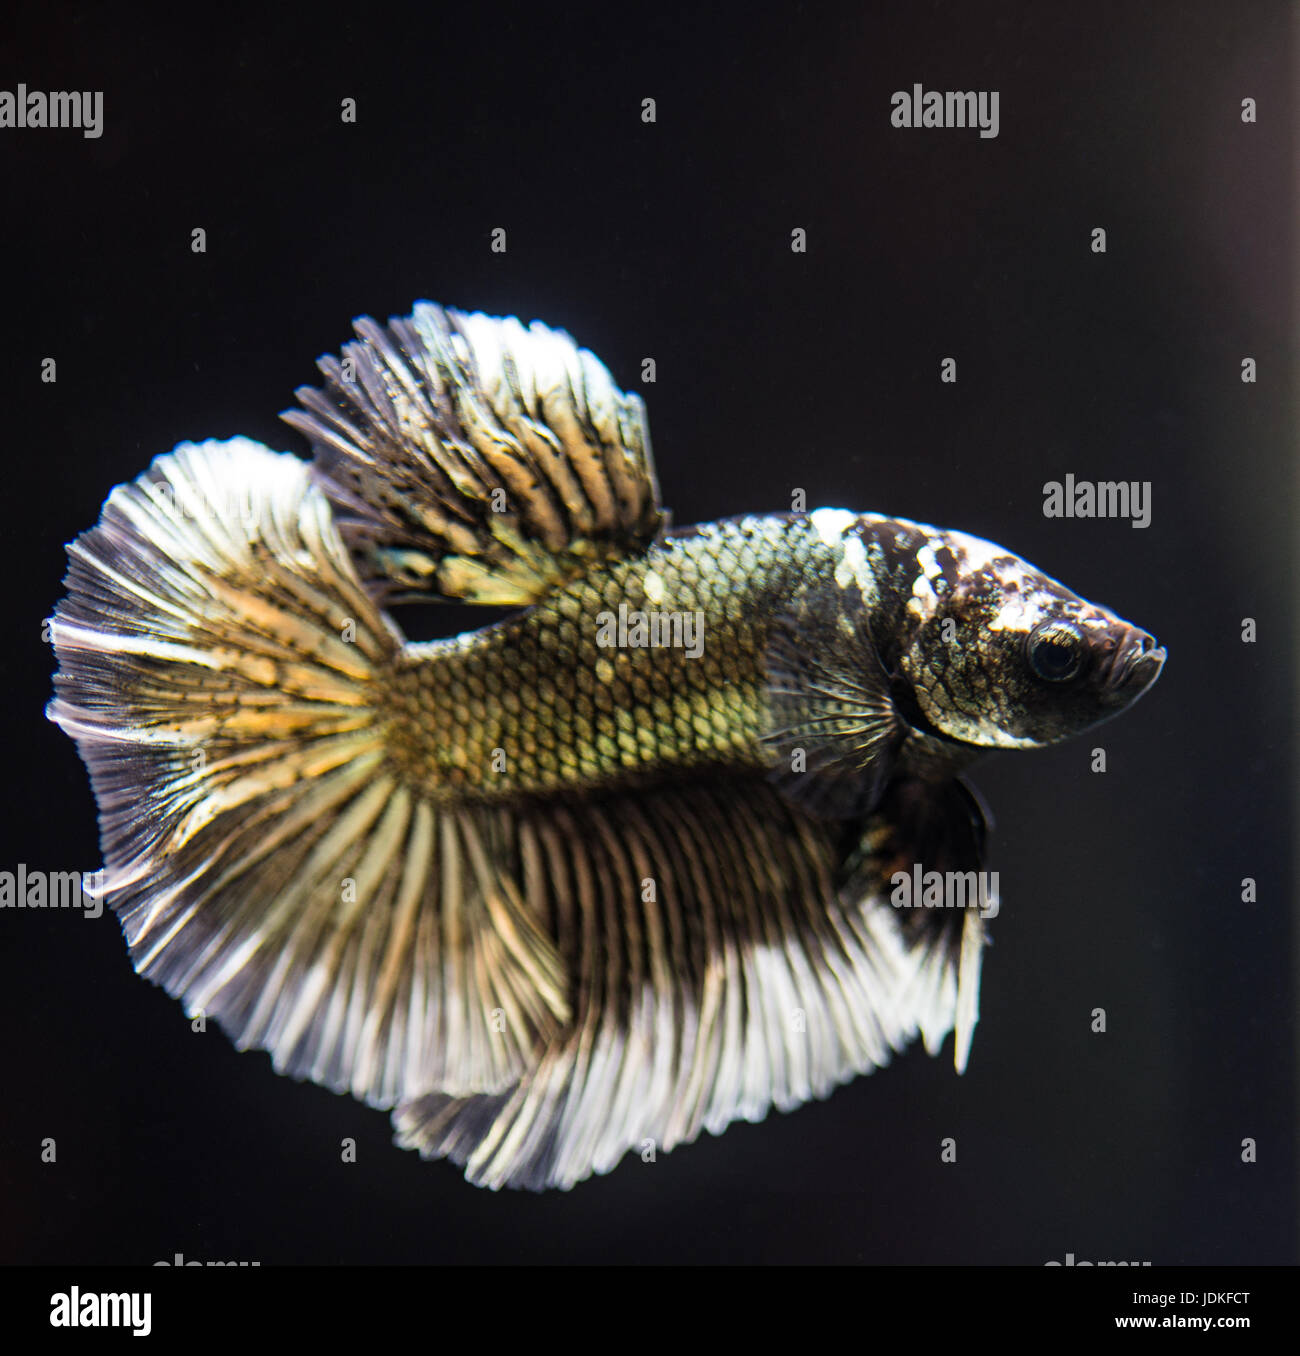 Copper male betta splendens fish Stock Photo